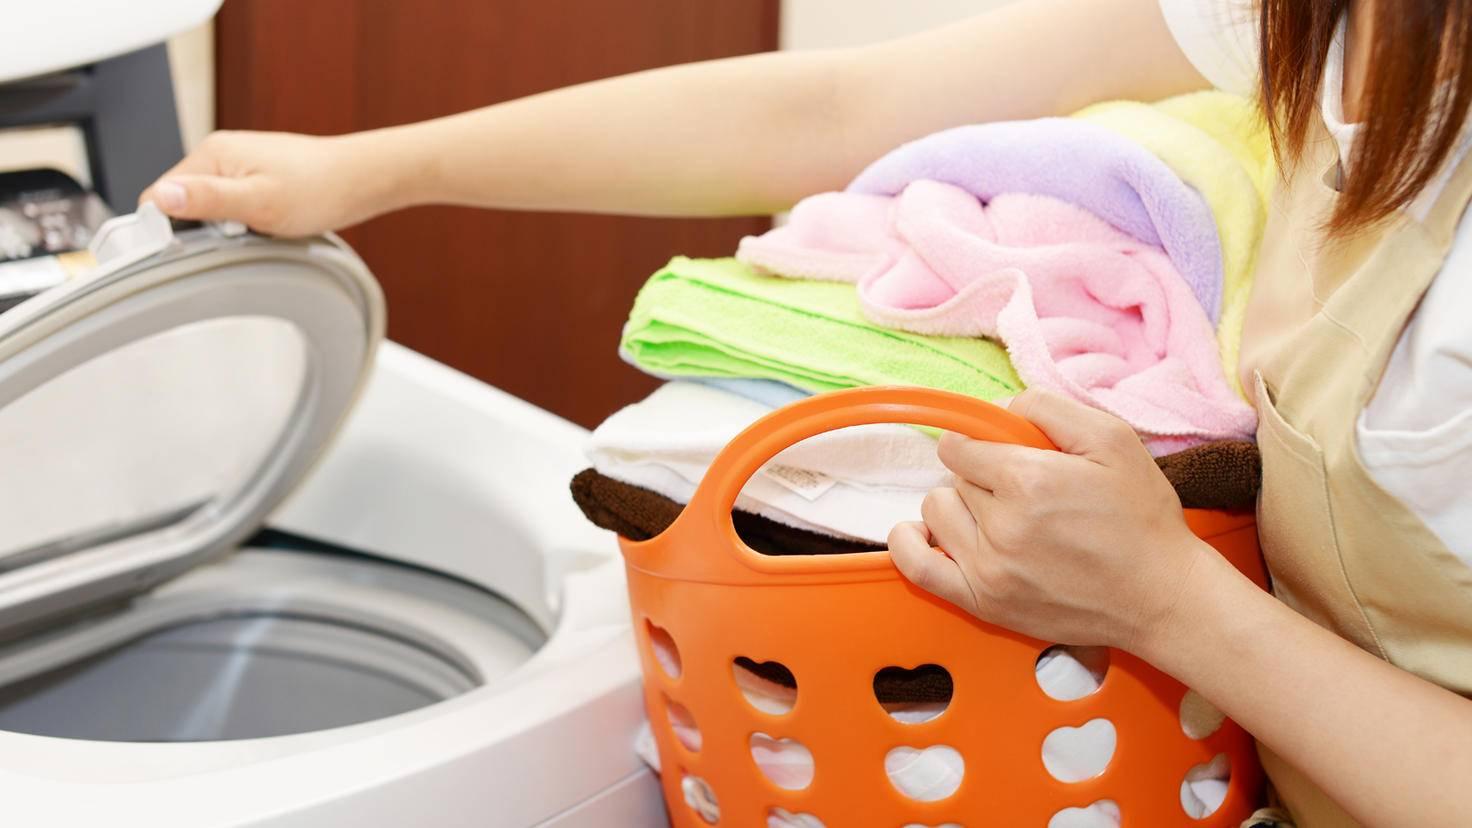 Waschmaschine-Toplader-Y